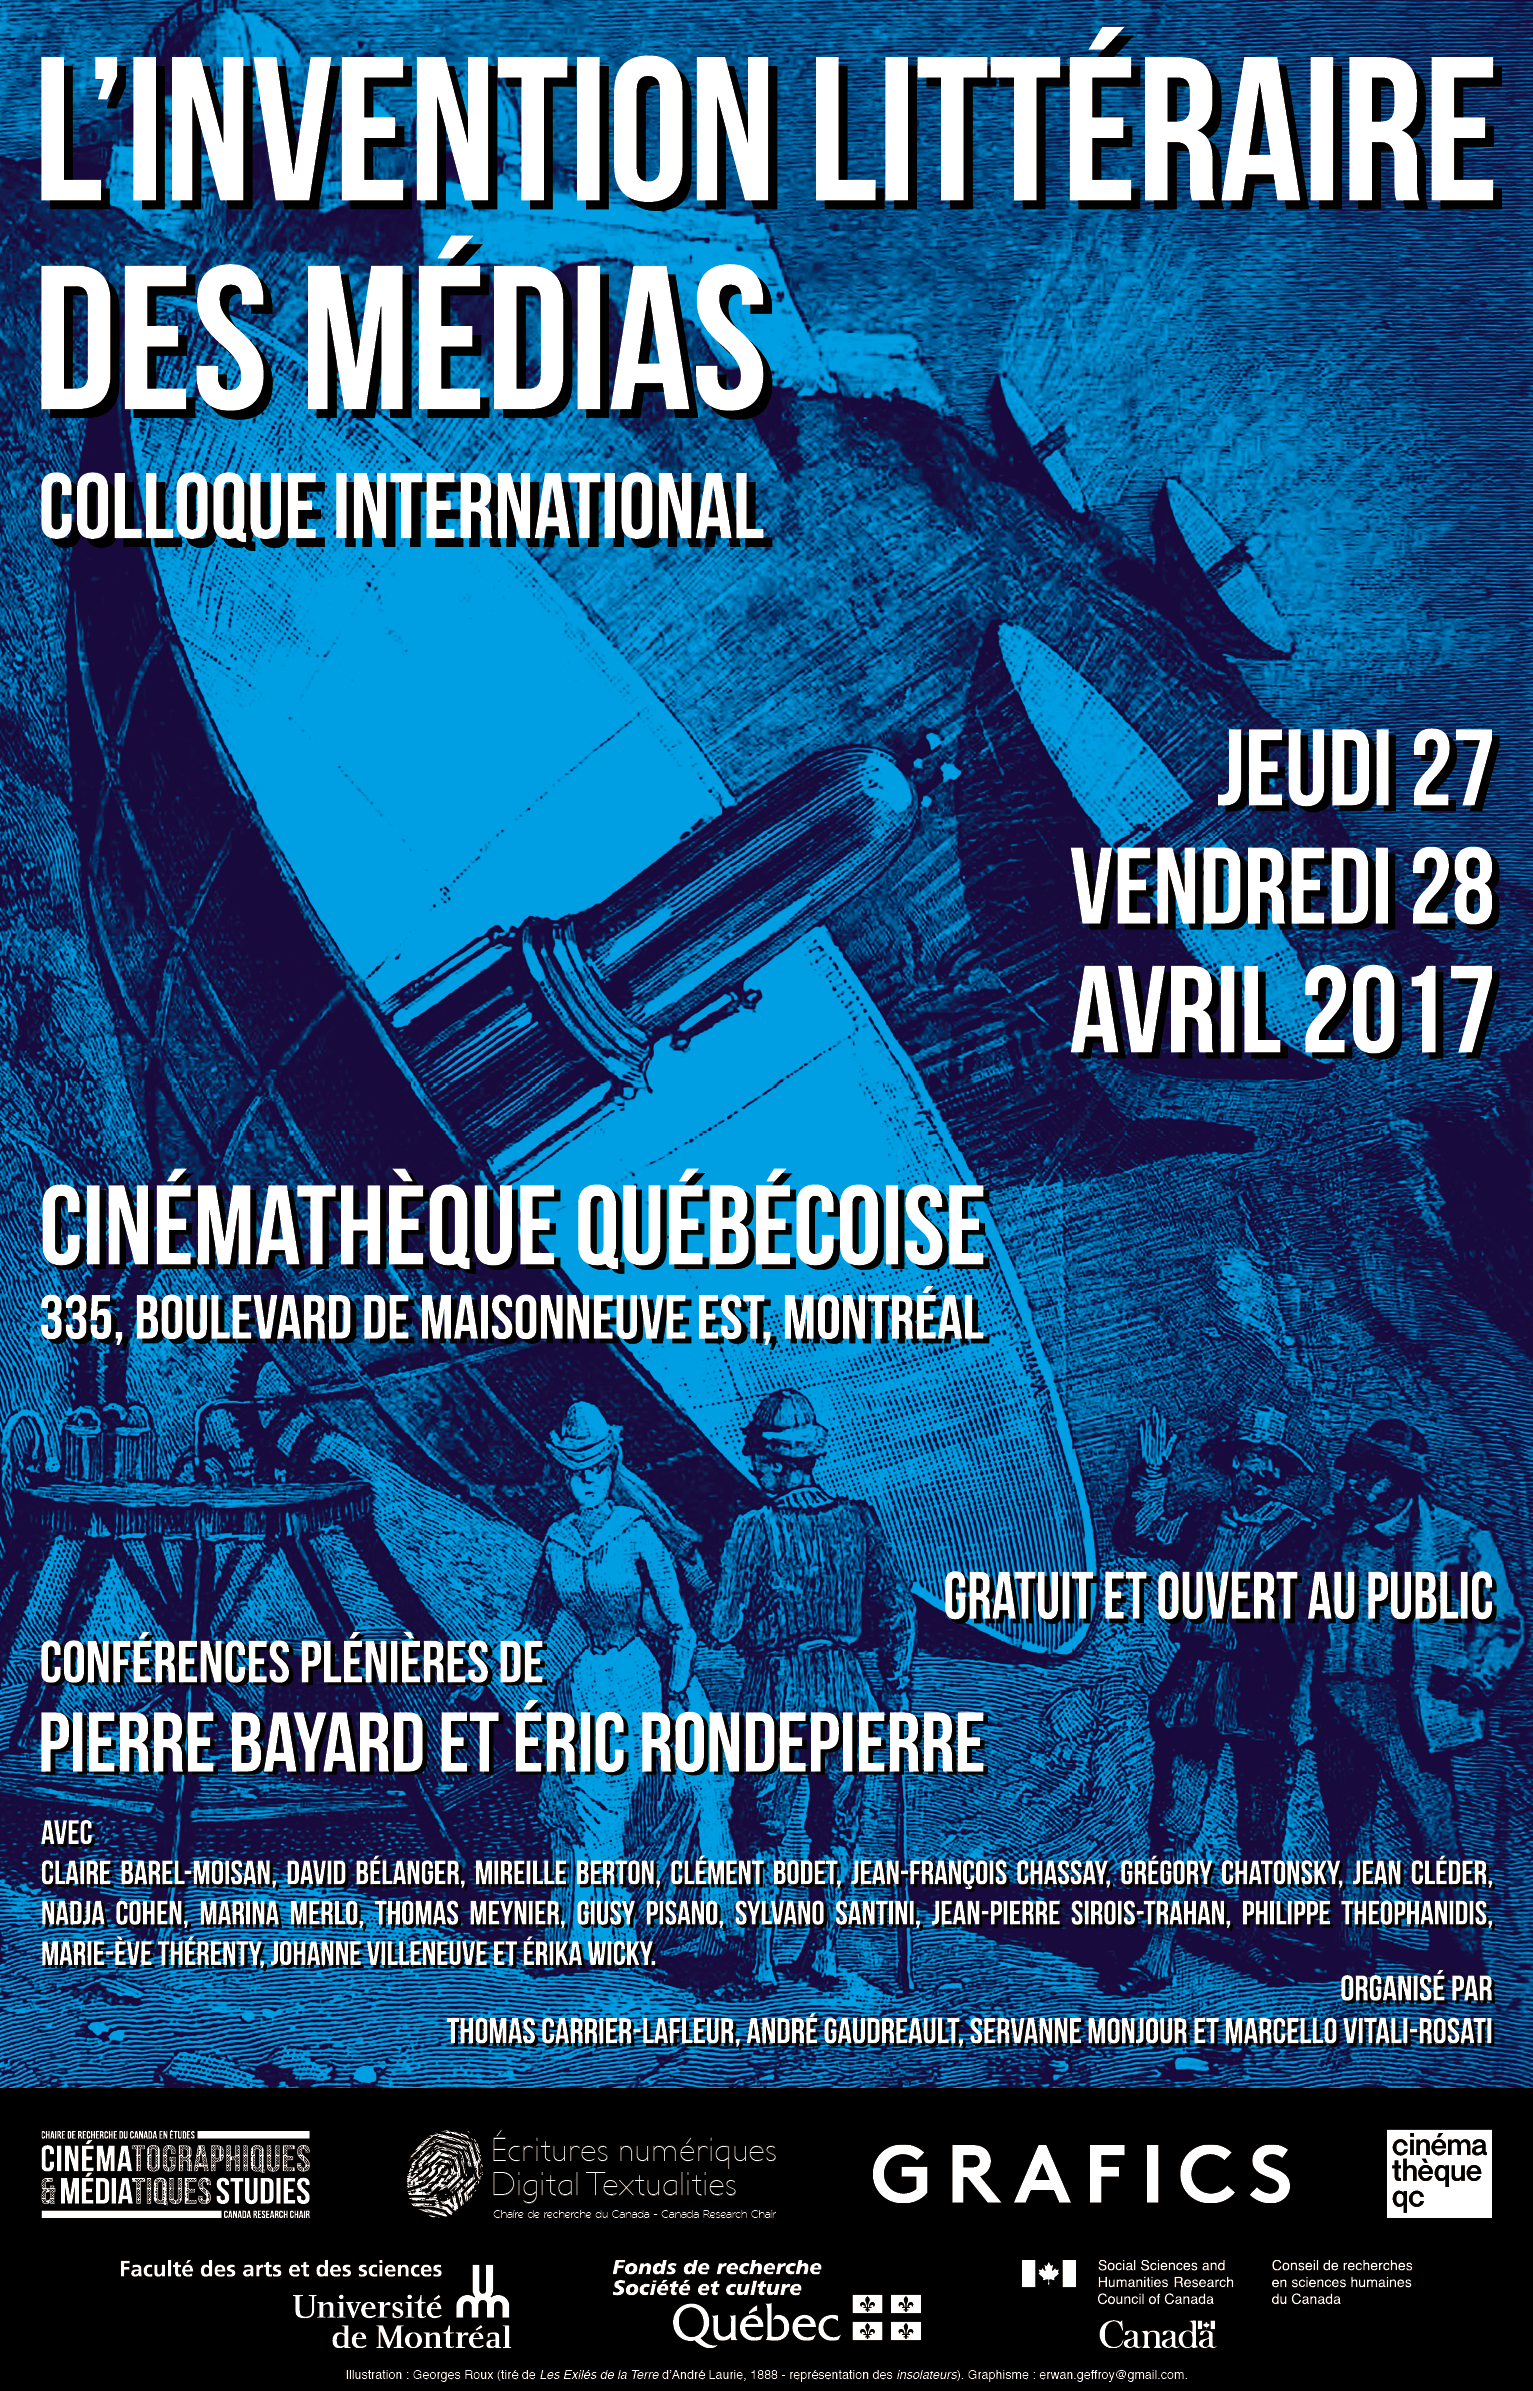 L'invention littéraire des médias (Montréal)